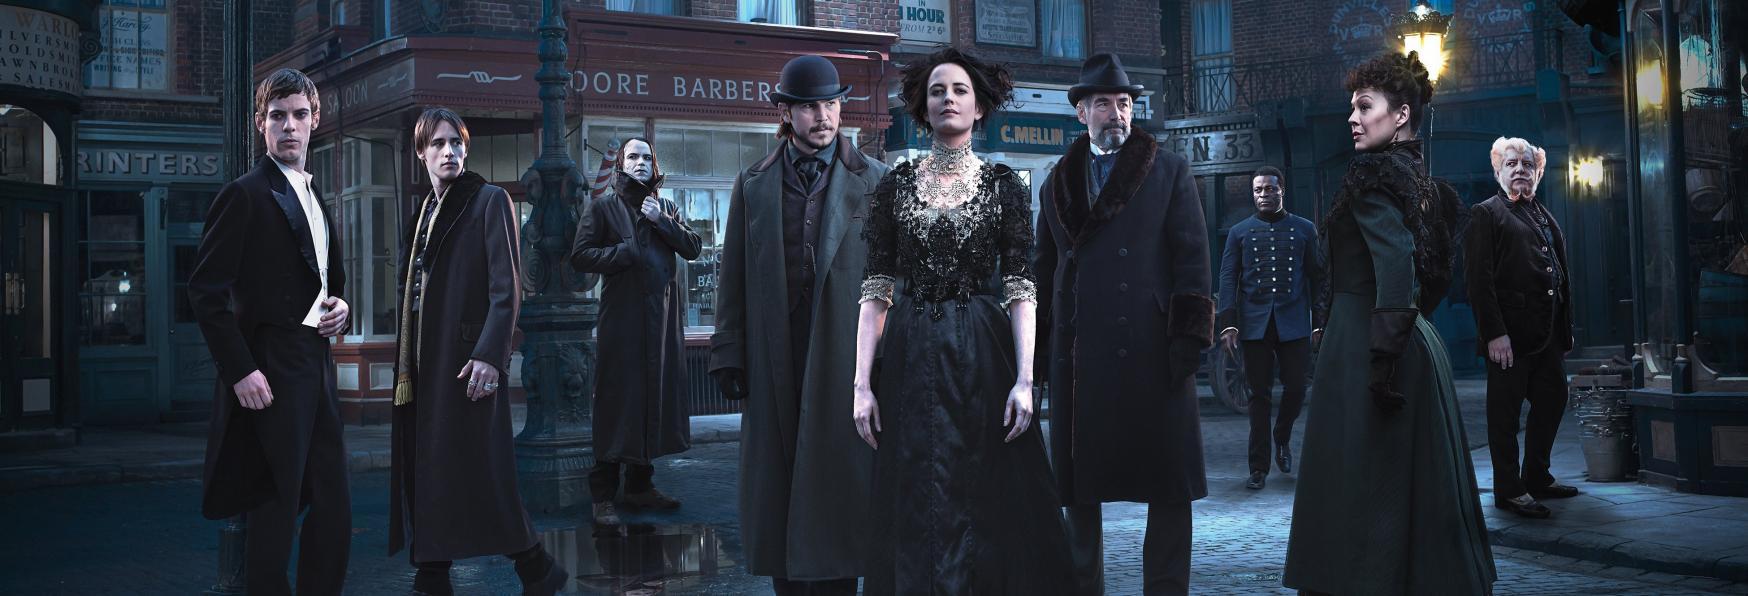 Penny Dreadful: dalla Serie TV Madre, allo Spin-off City of Angels, da dove è nato tutto?